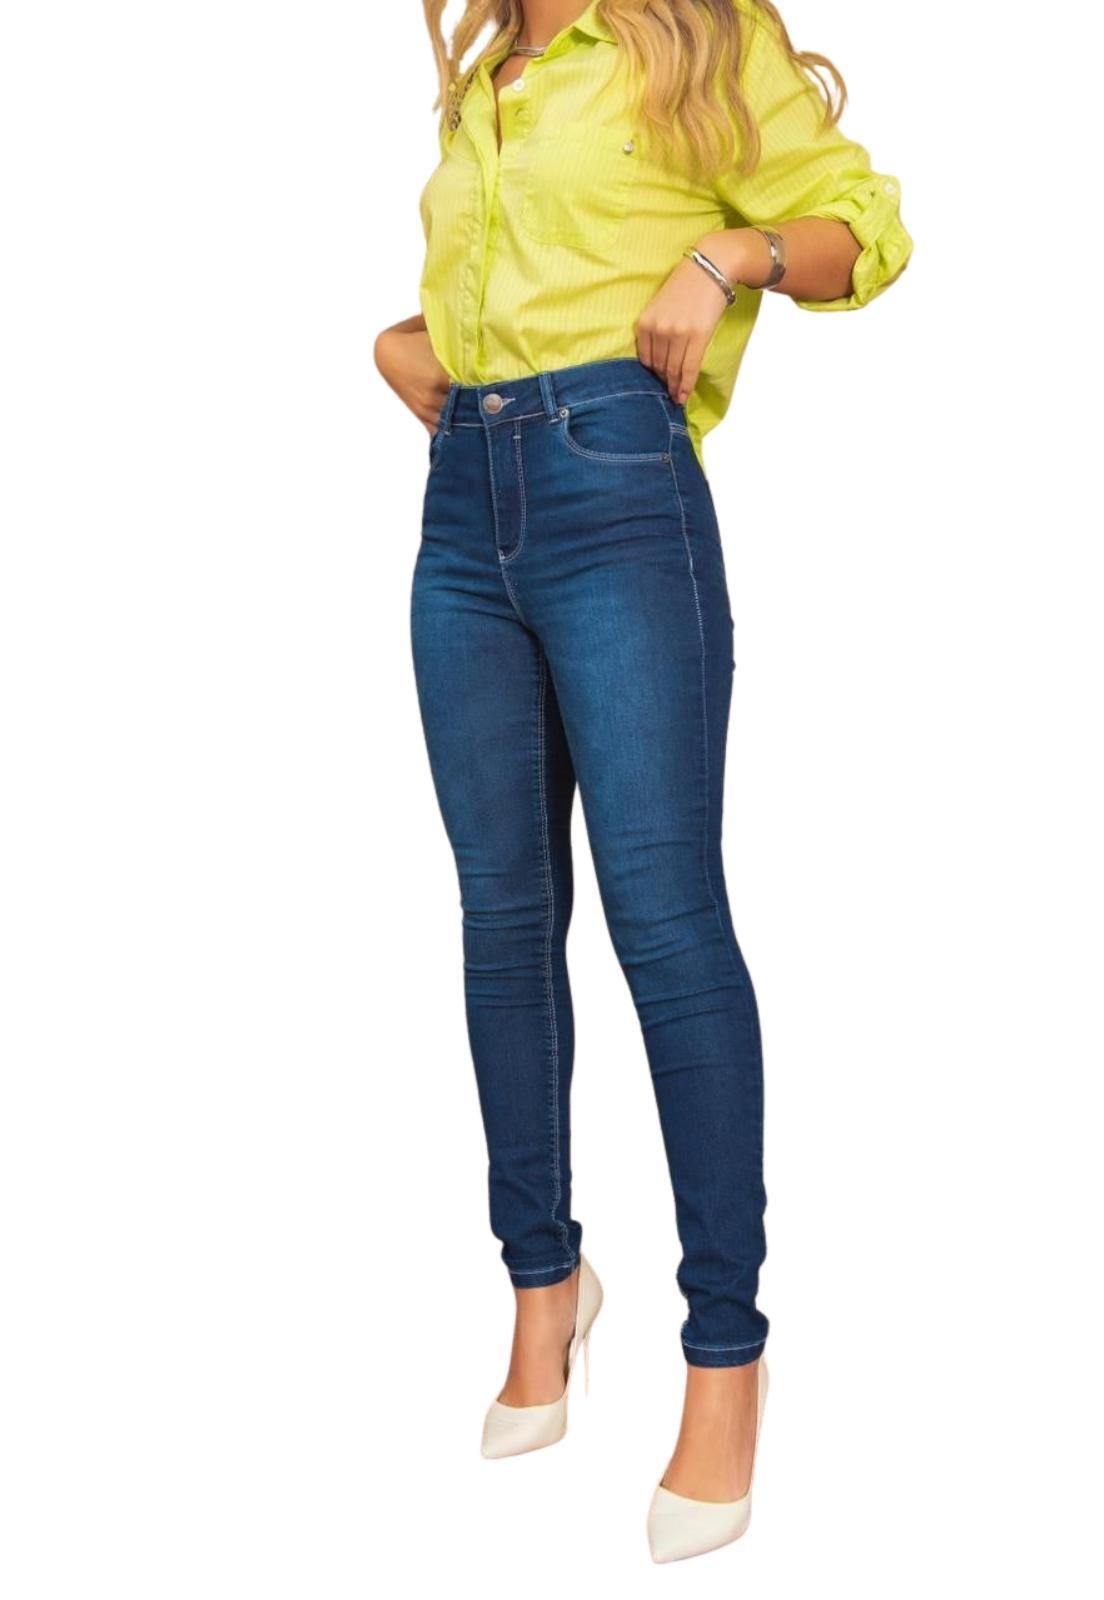 Calça Feminina Skinny Cintura Alta Jeans Escuro com Elastano